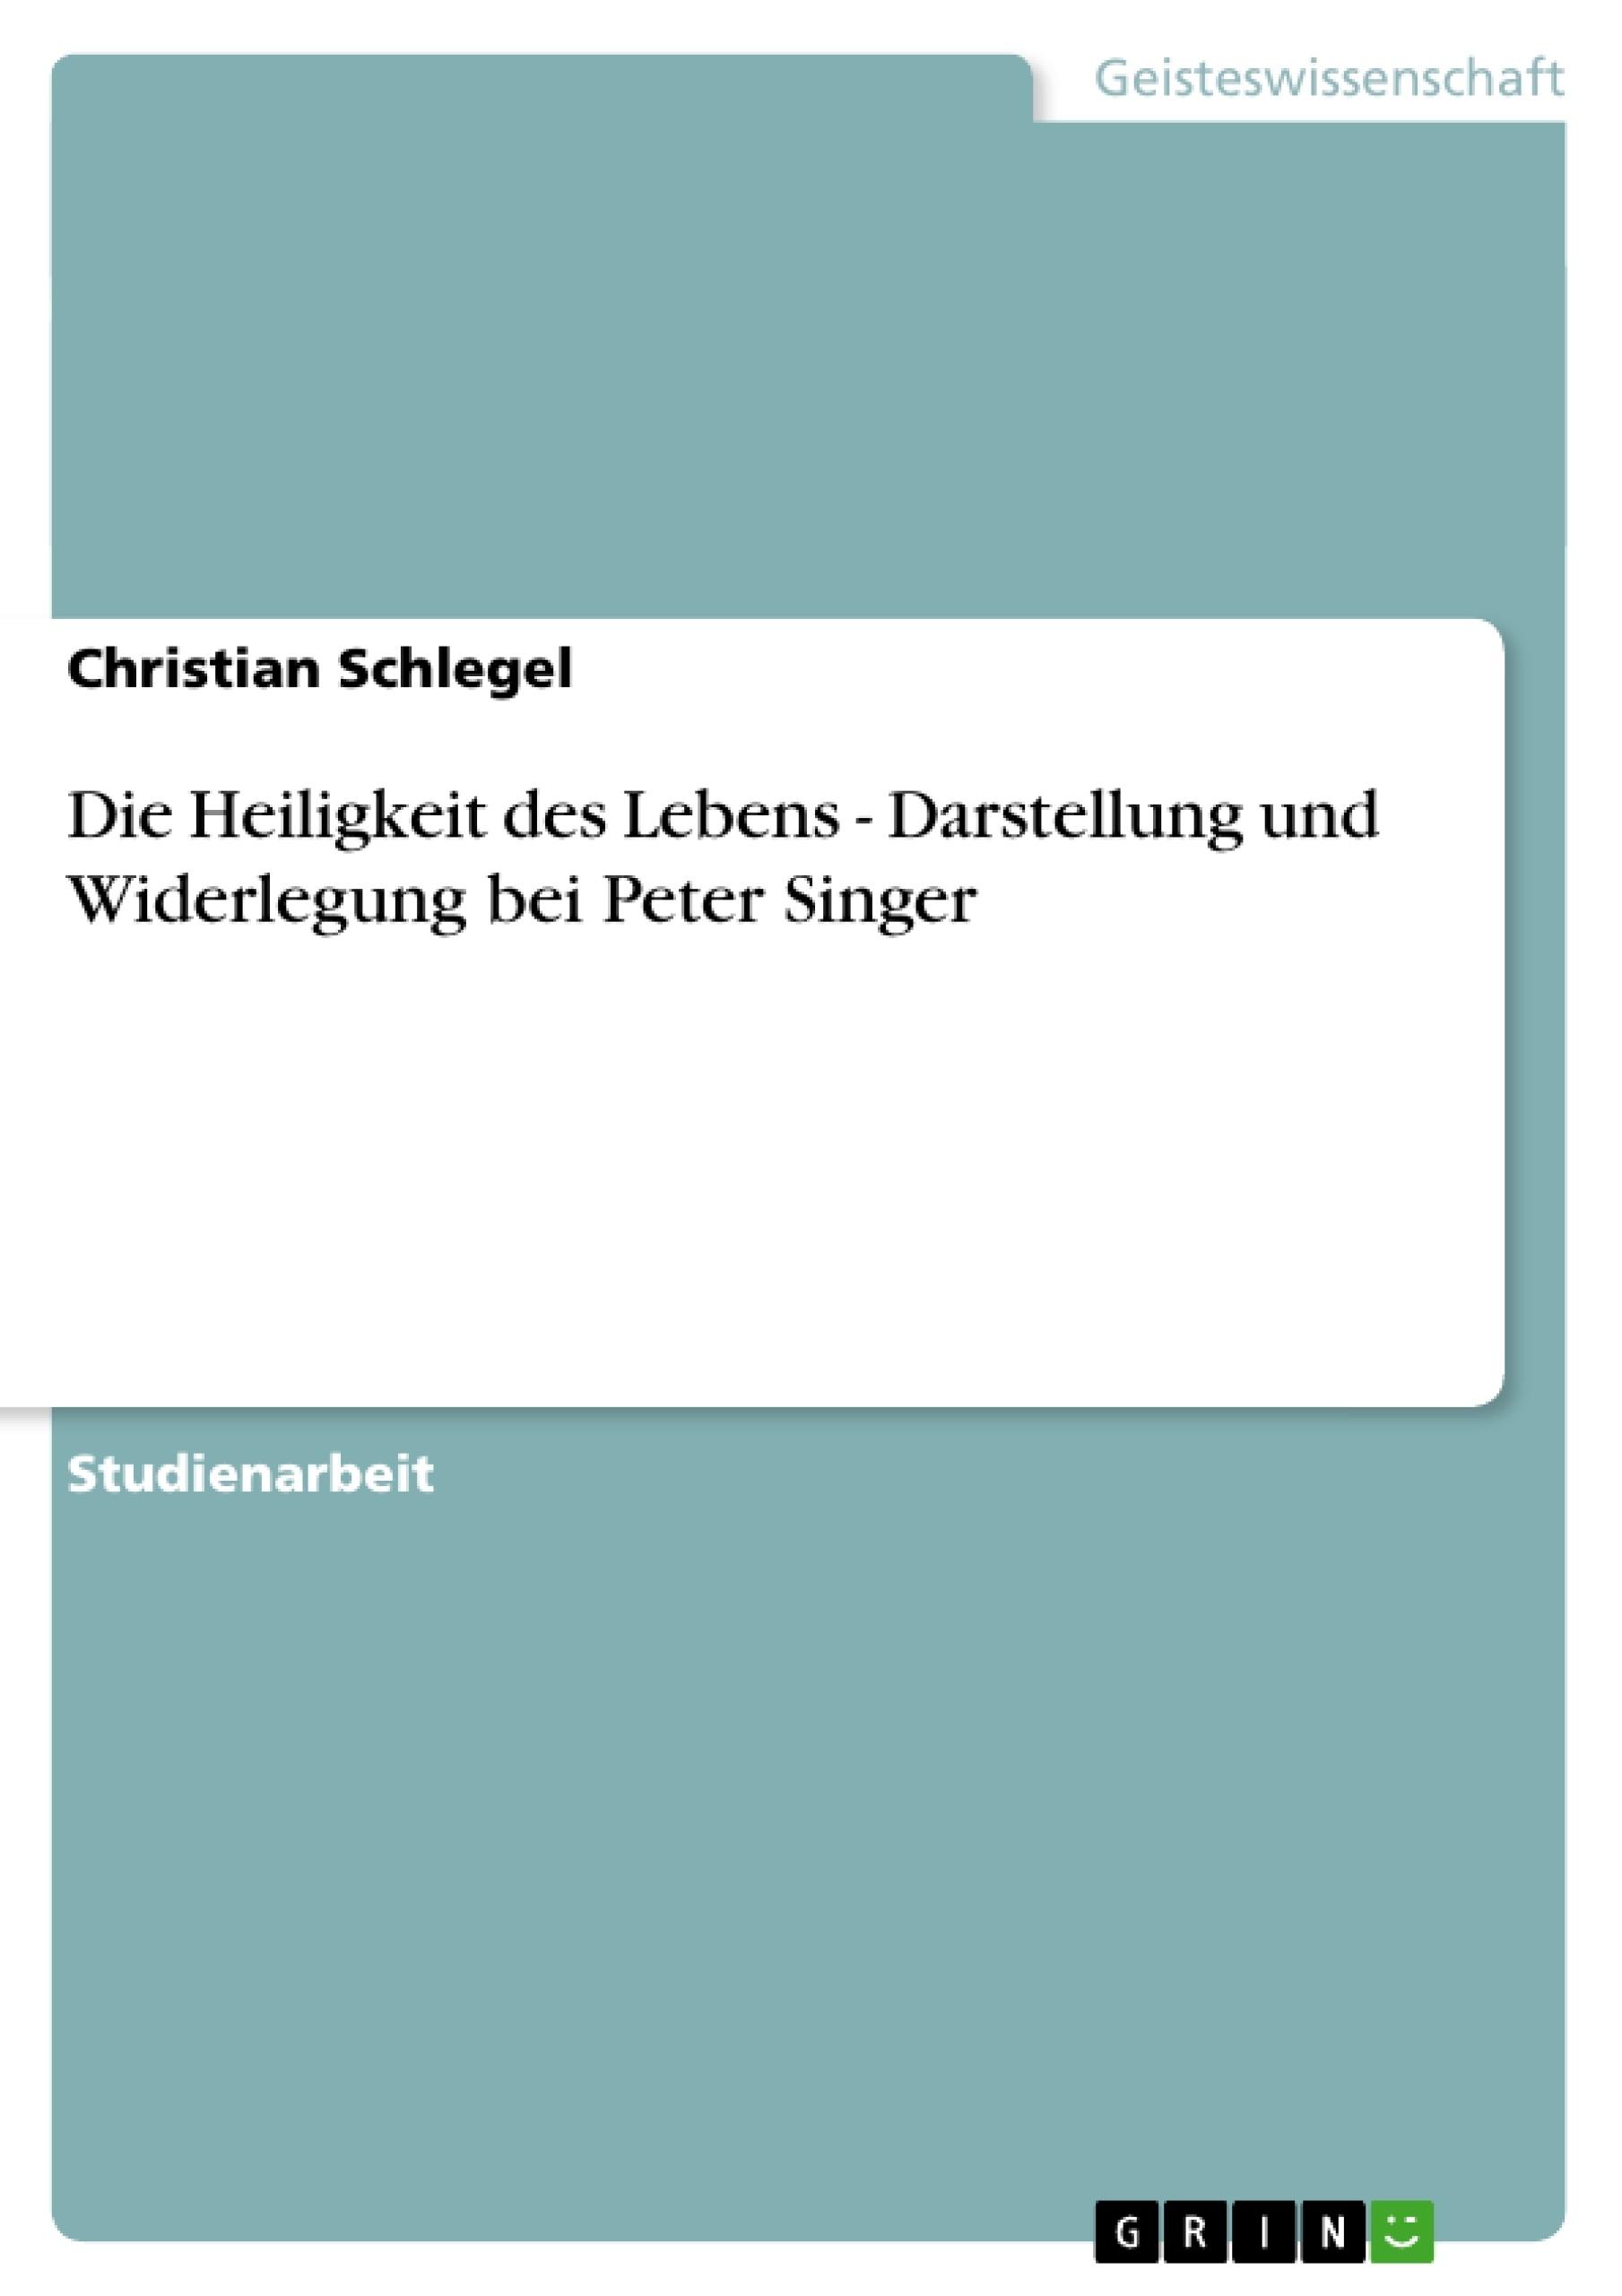 Titel: Die Heiligkeit des Lebens - Darstellung und Widerlegung bei Peter Singer